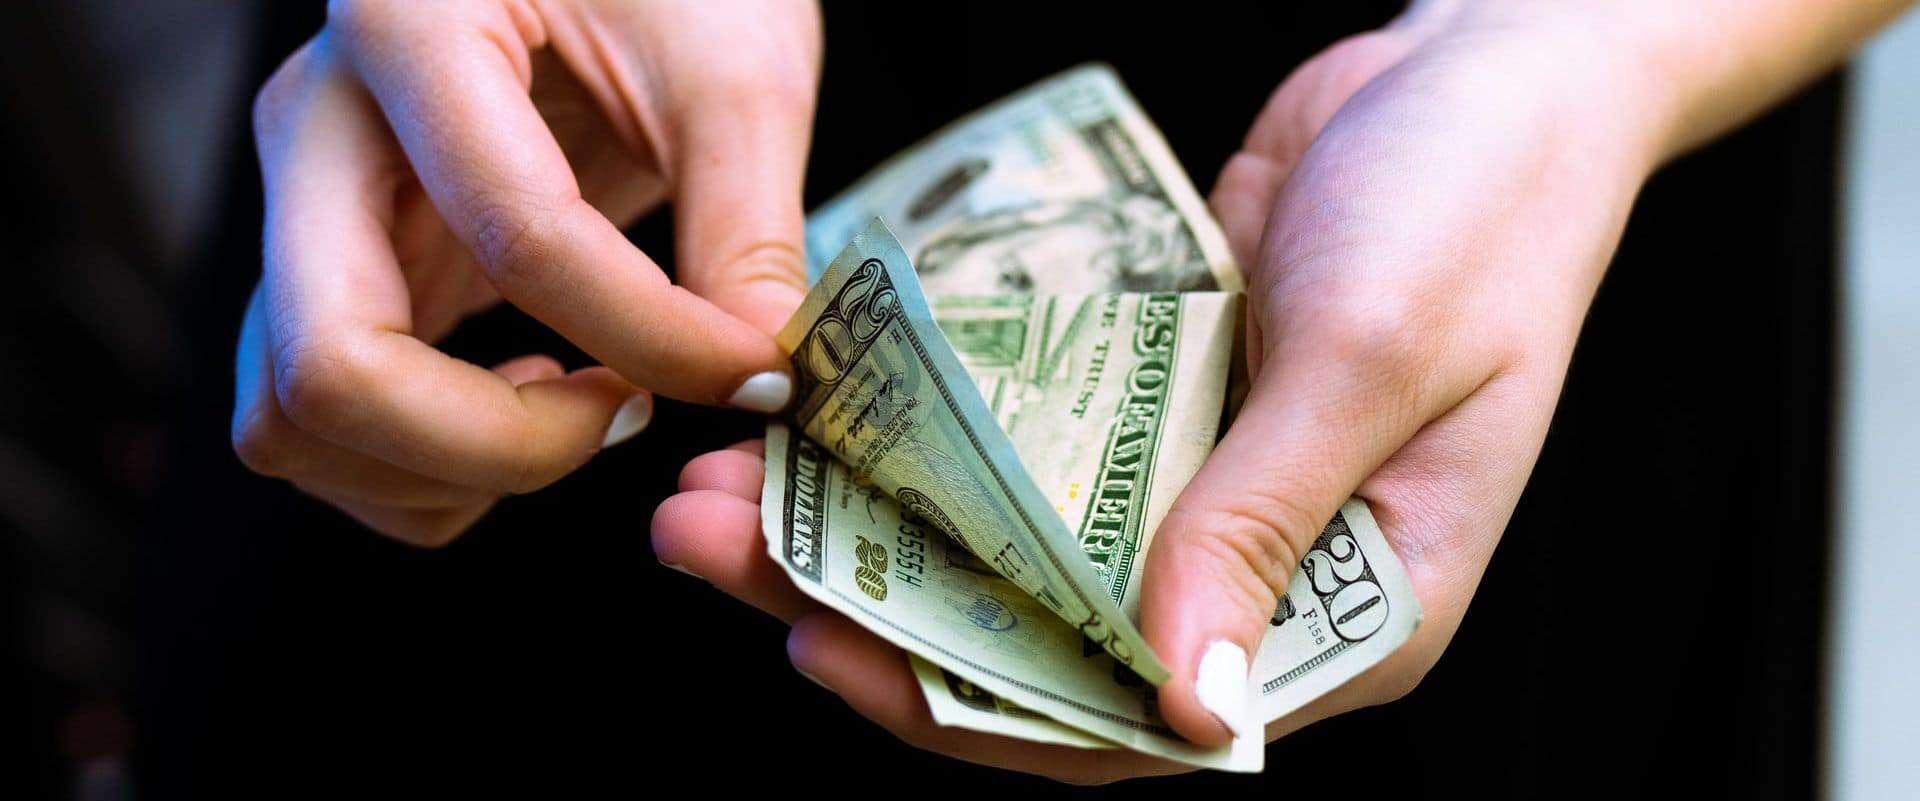 Vermögenswirksame Leistungen